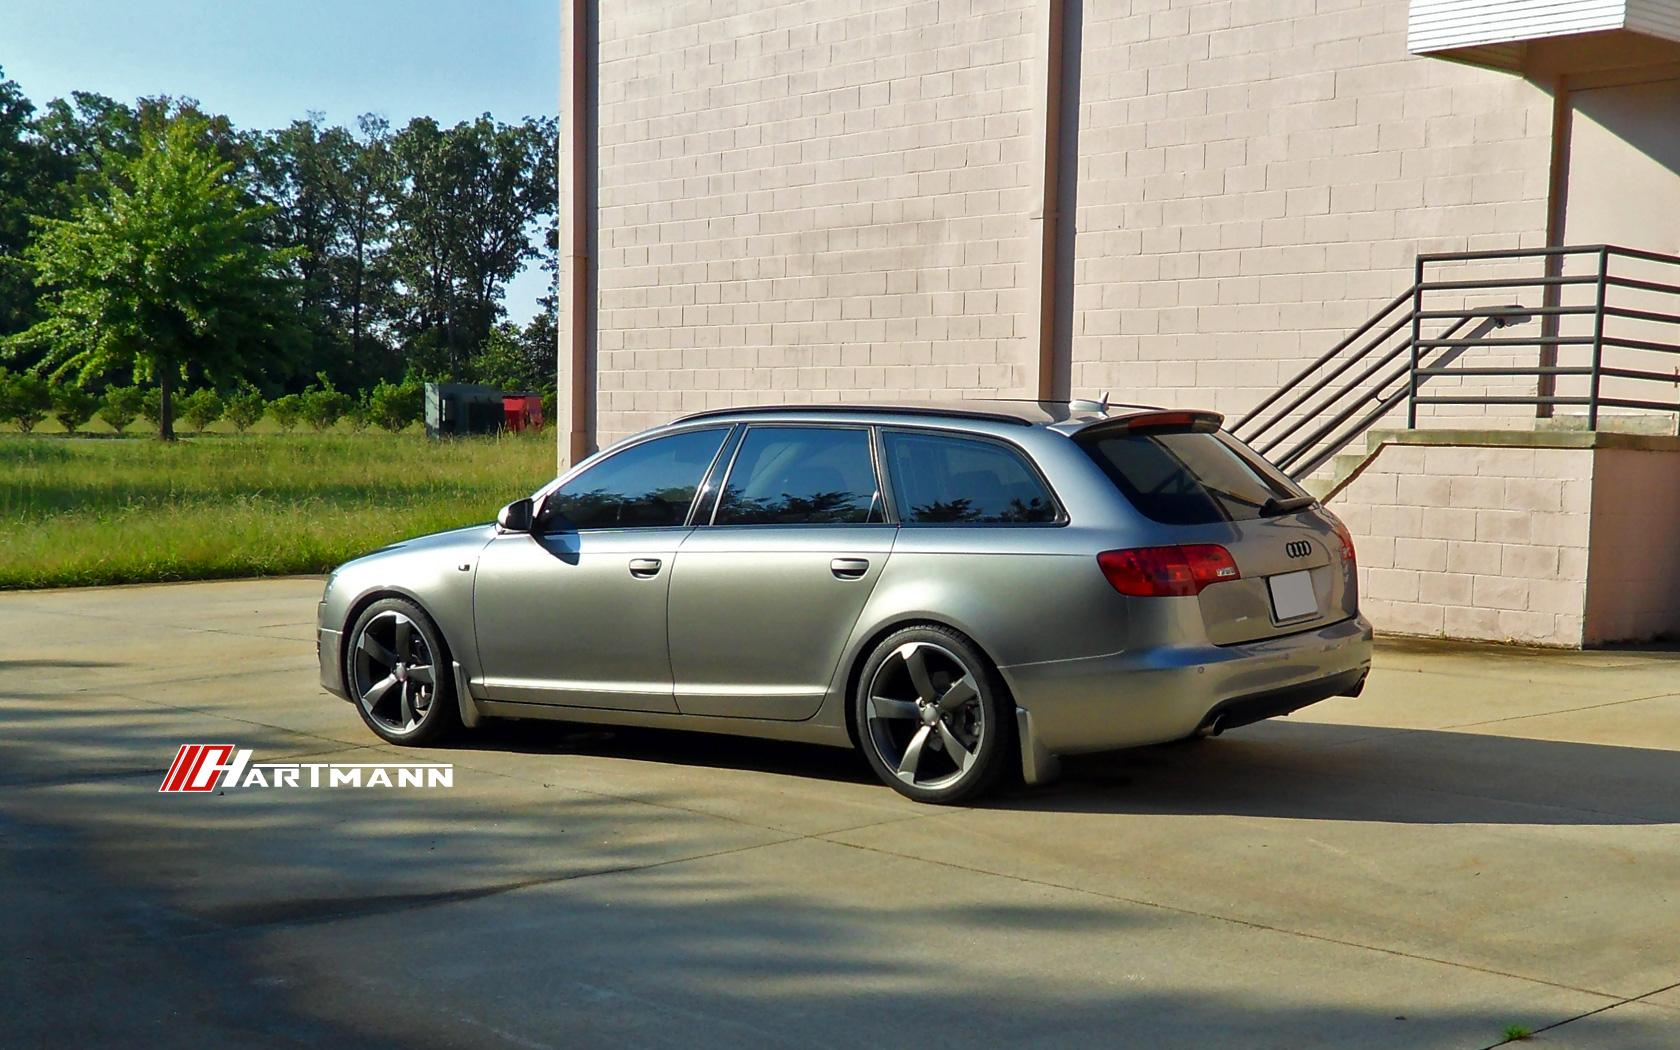 Audi c6 a6 hartmann wheels htt 256 mam 1 ss1 hwm